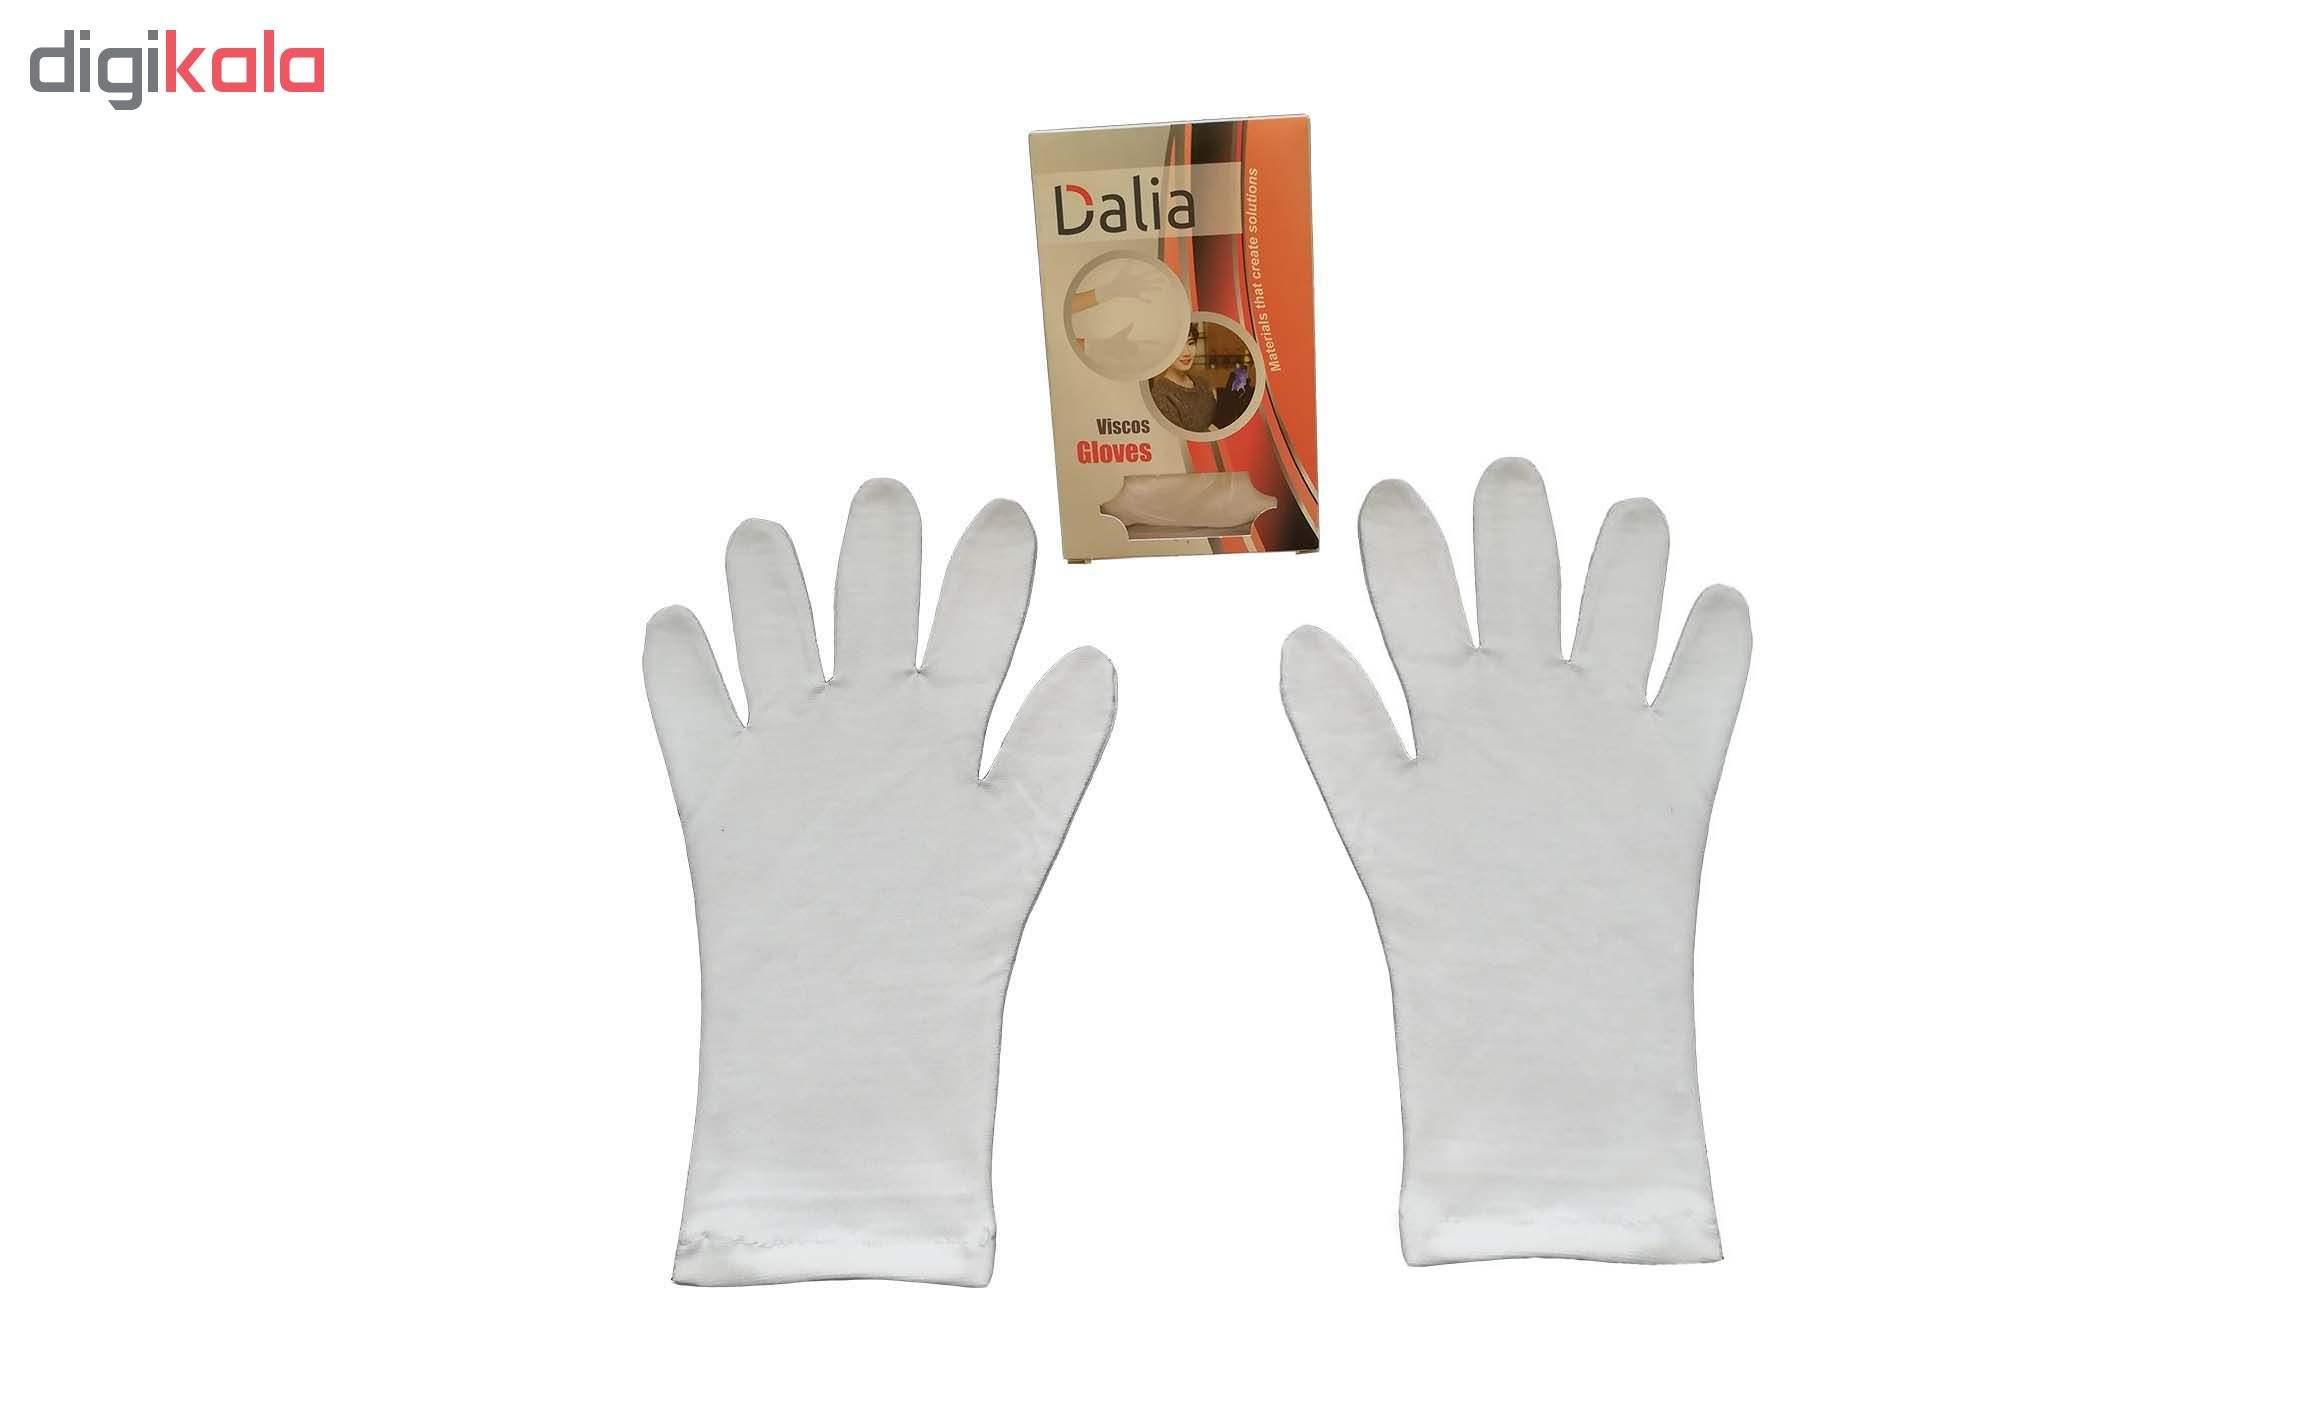 دستکش نخی ضد حساسیت دالیا مدل viscose2 main 1 3